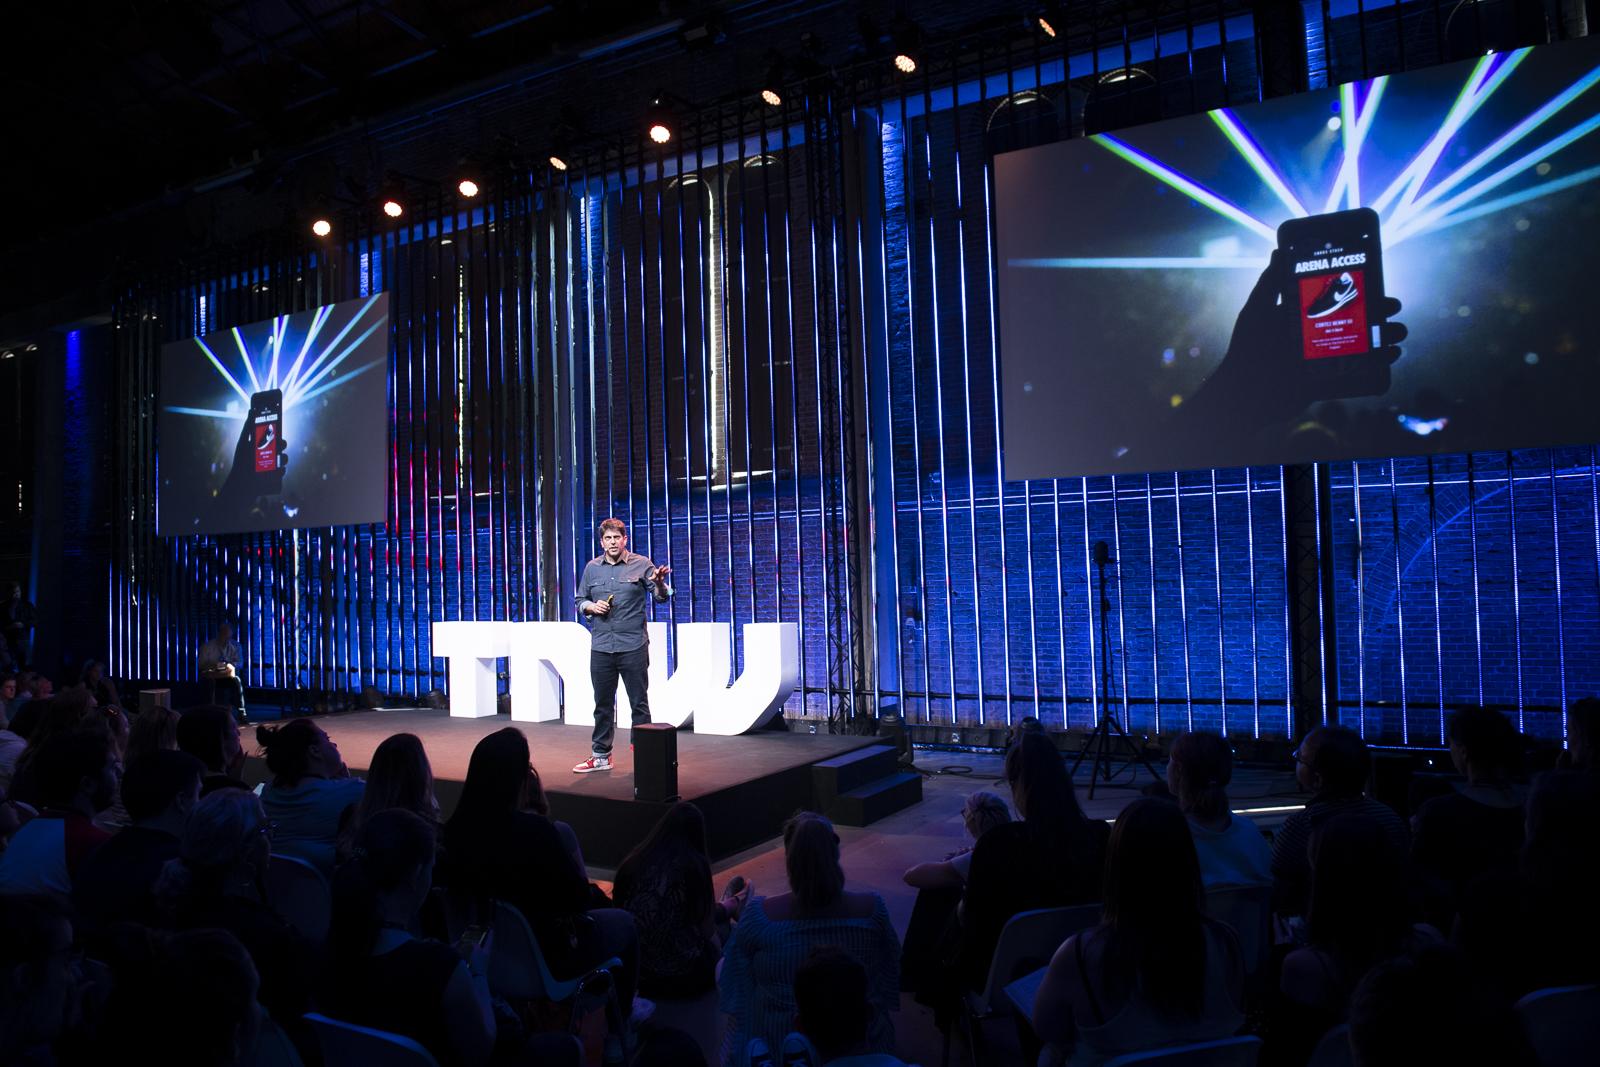 TTNW 2018: Tehnološke spremembe in inovacije, ki preobražajo svet - iPROM - Novice - Ron Farris